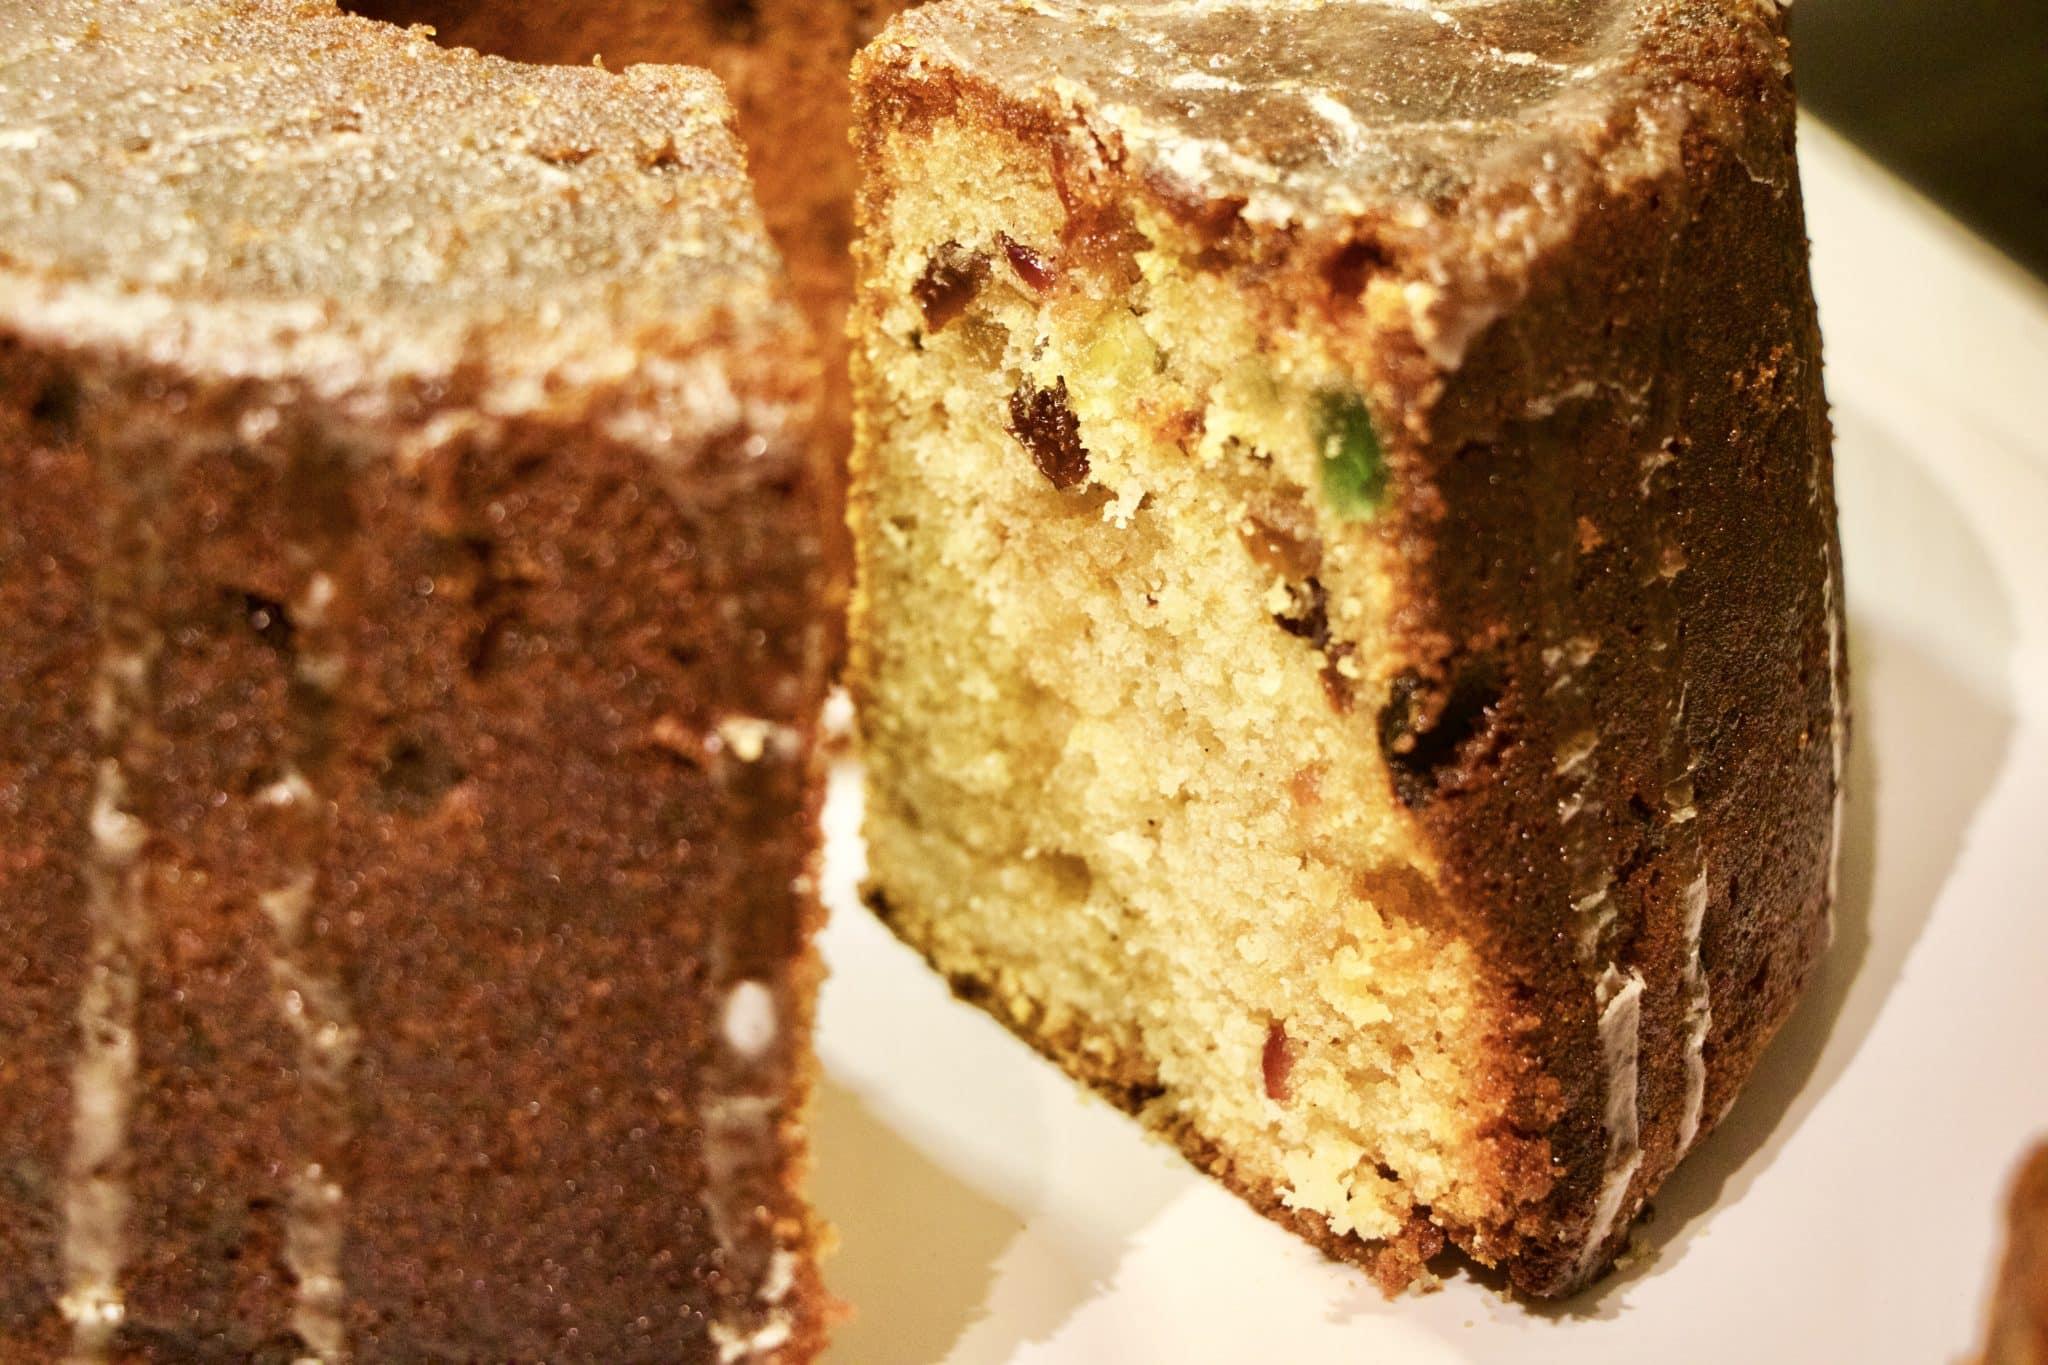 immagine del plumcake tradizionale di biancolievito